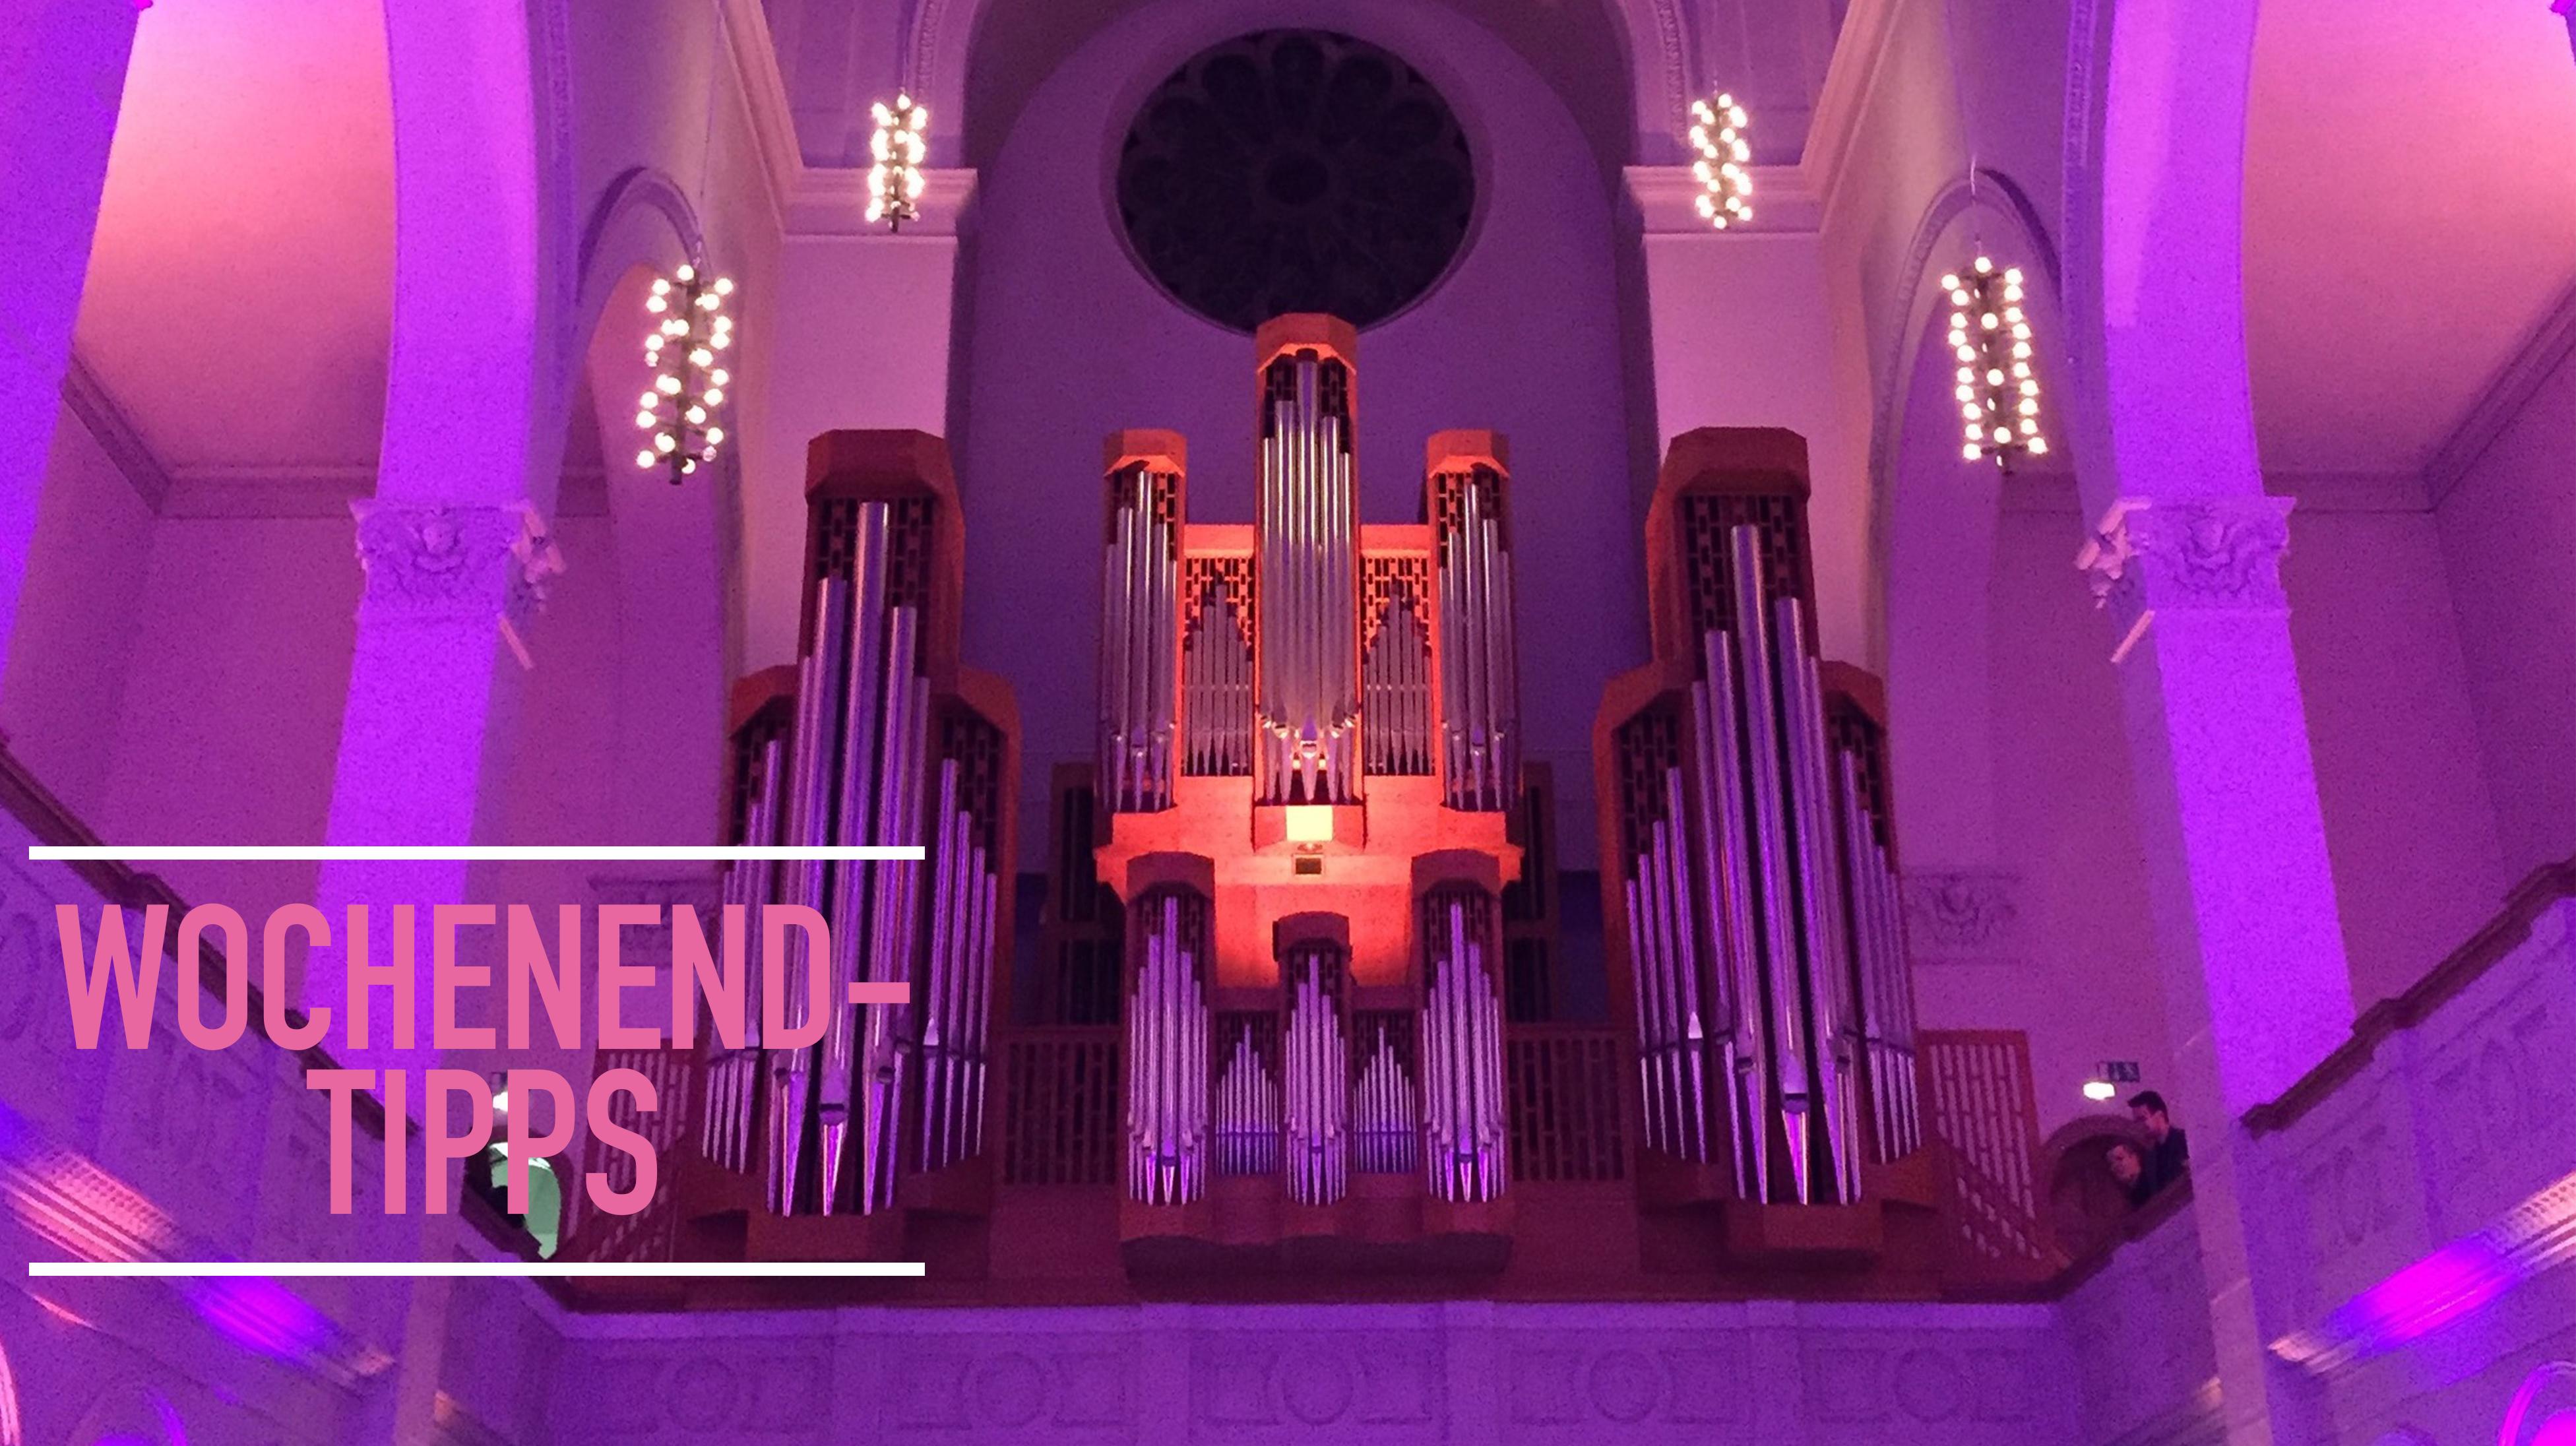 """Wochenendtipps: Orgelvesper, """"Fair-Trödel-Markt"""", Musik in der Krankenhauskapelle, Nachwuchstalente an Klavier und Geige"""